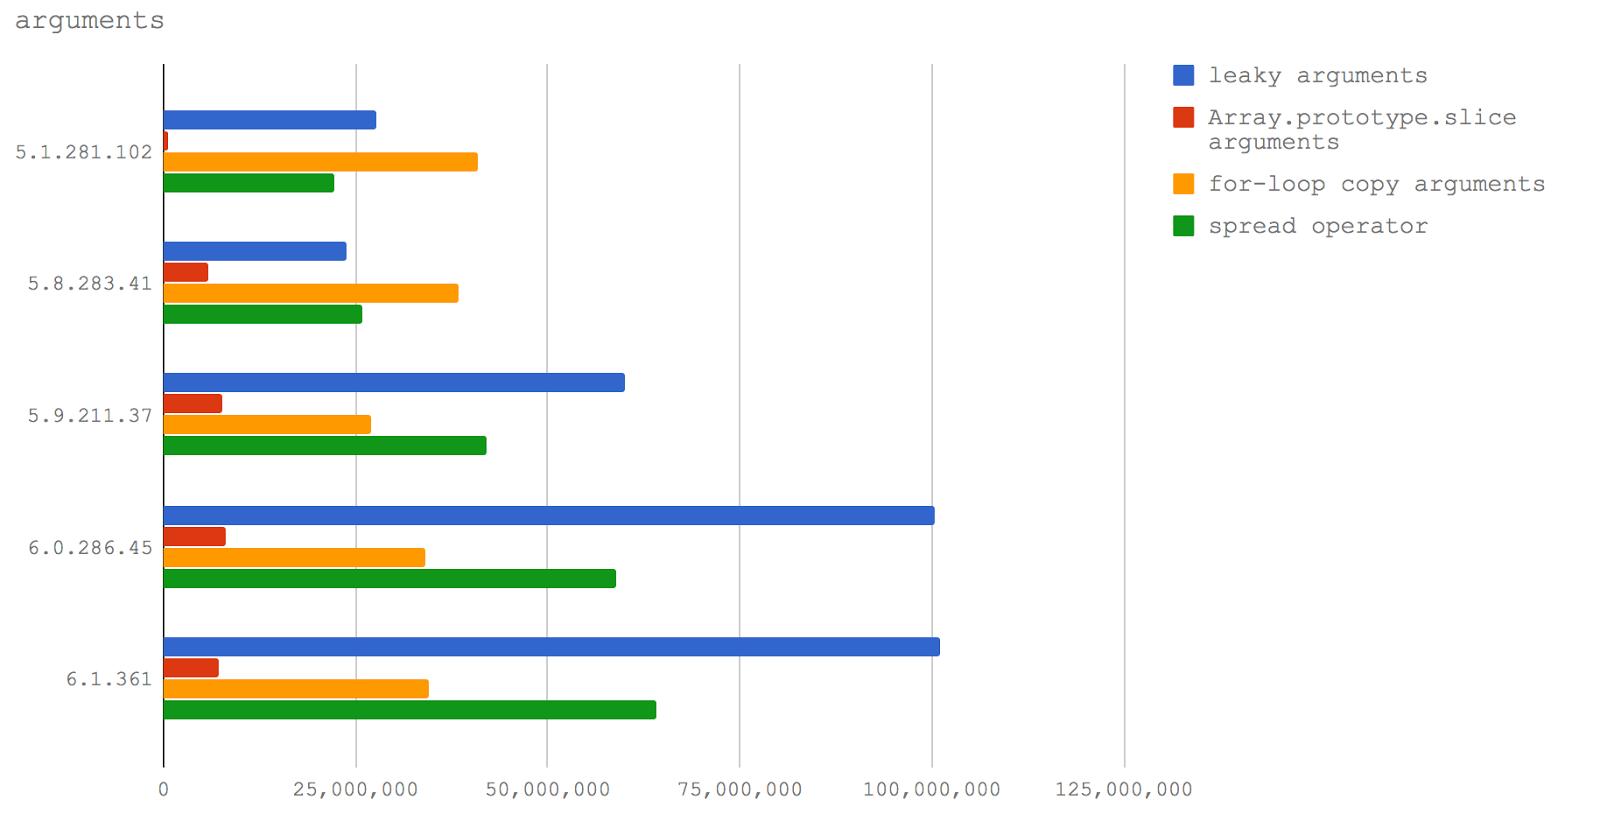 Новый V8 и скорость Node.js: техники оптимизации сегодня и завтра - 4